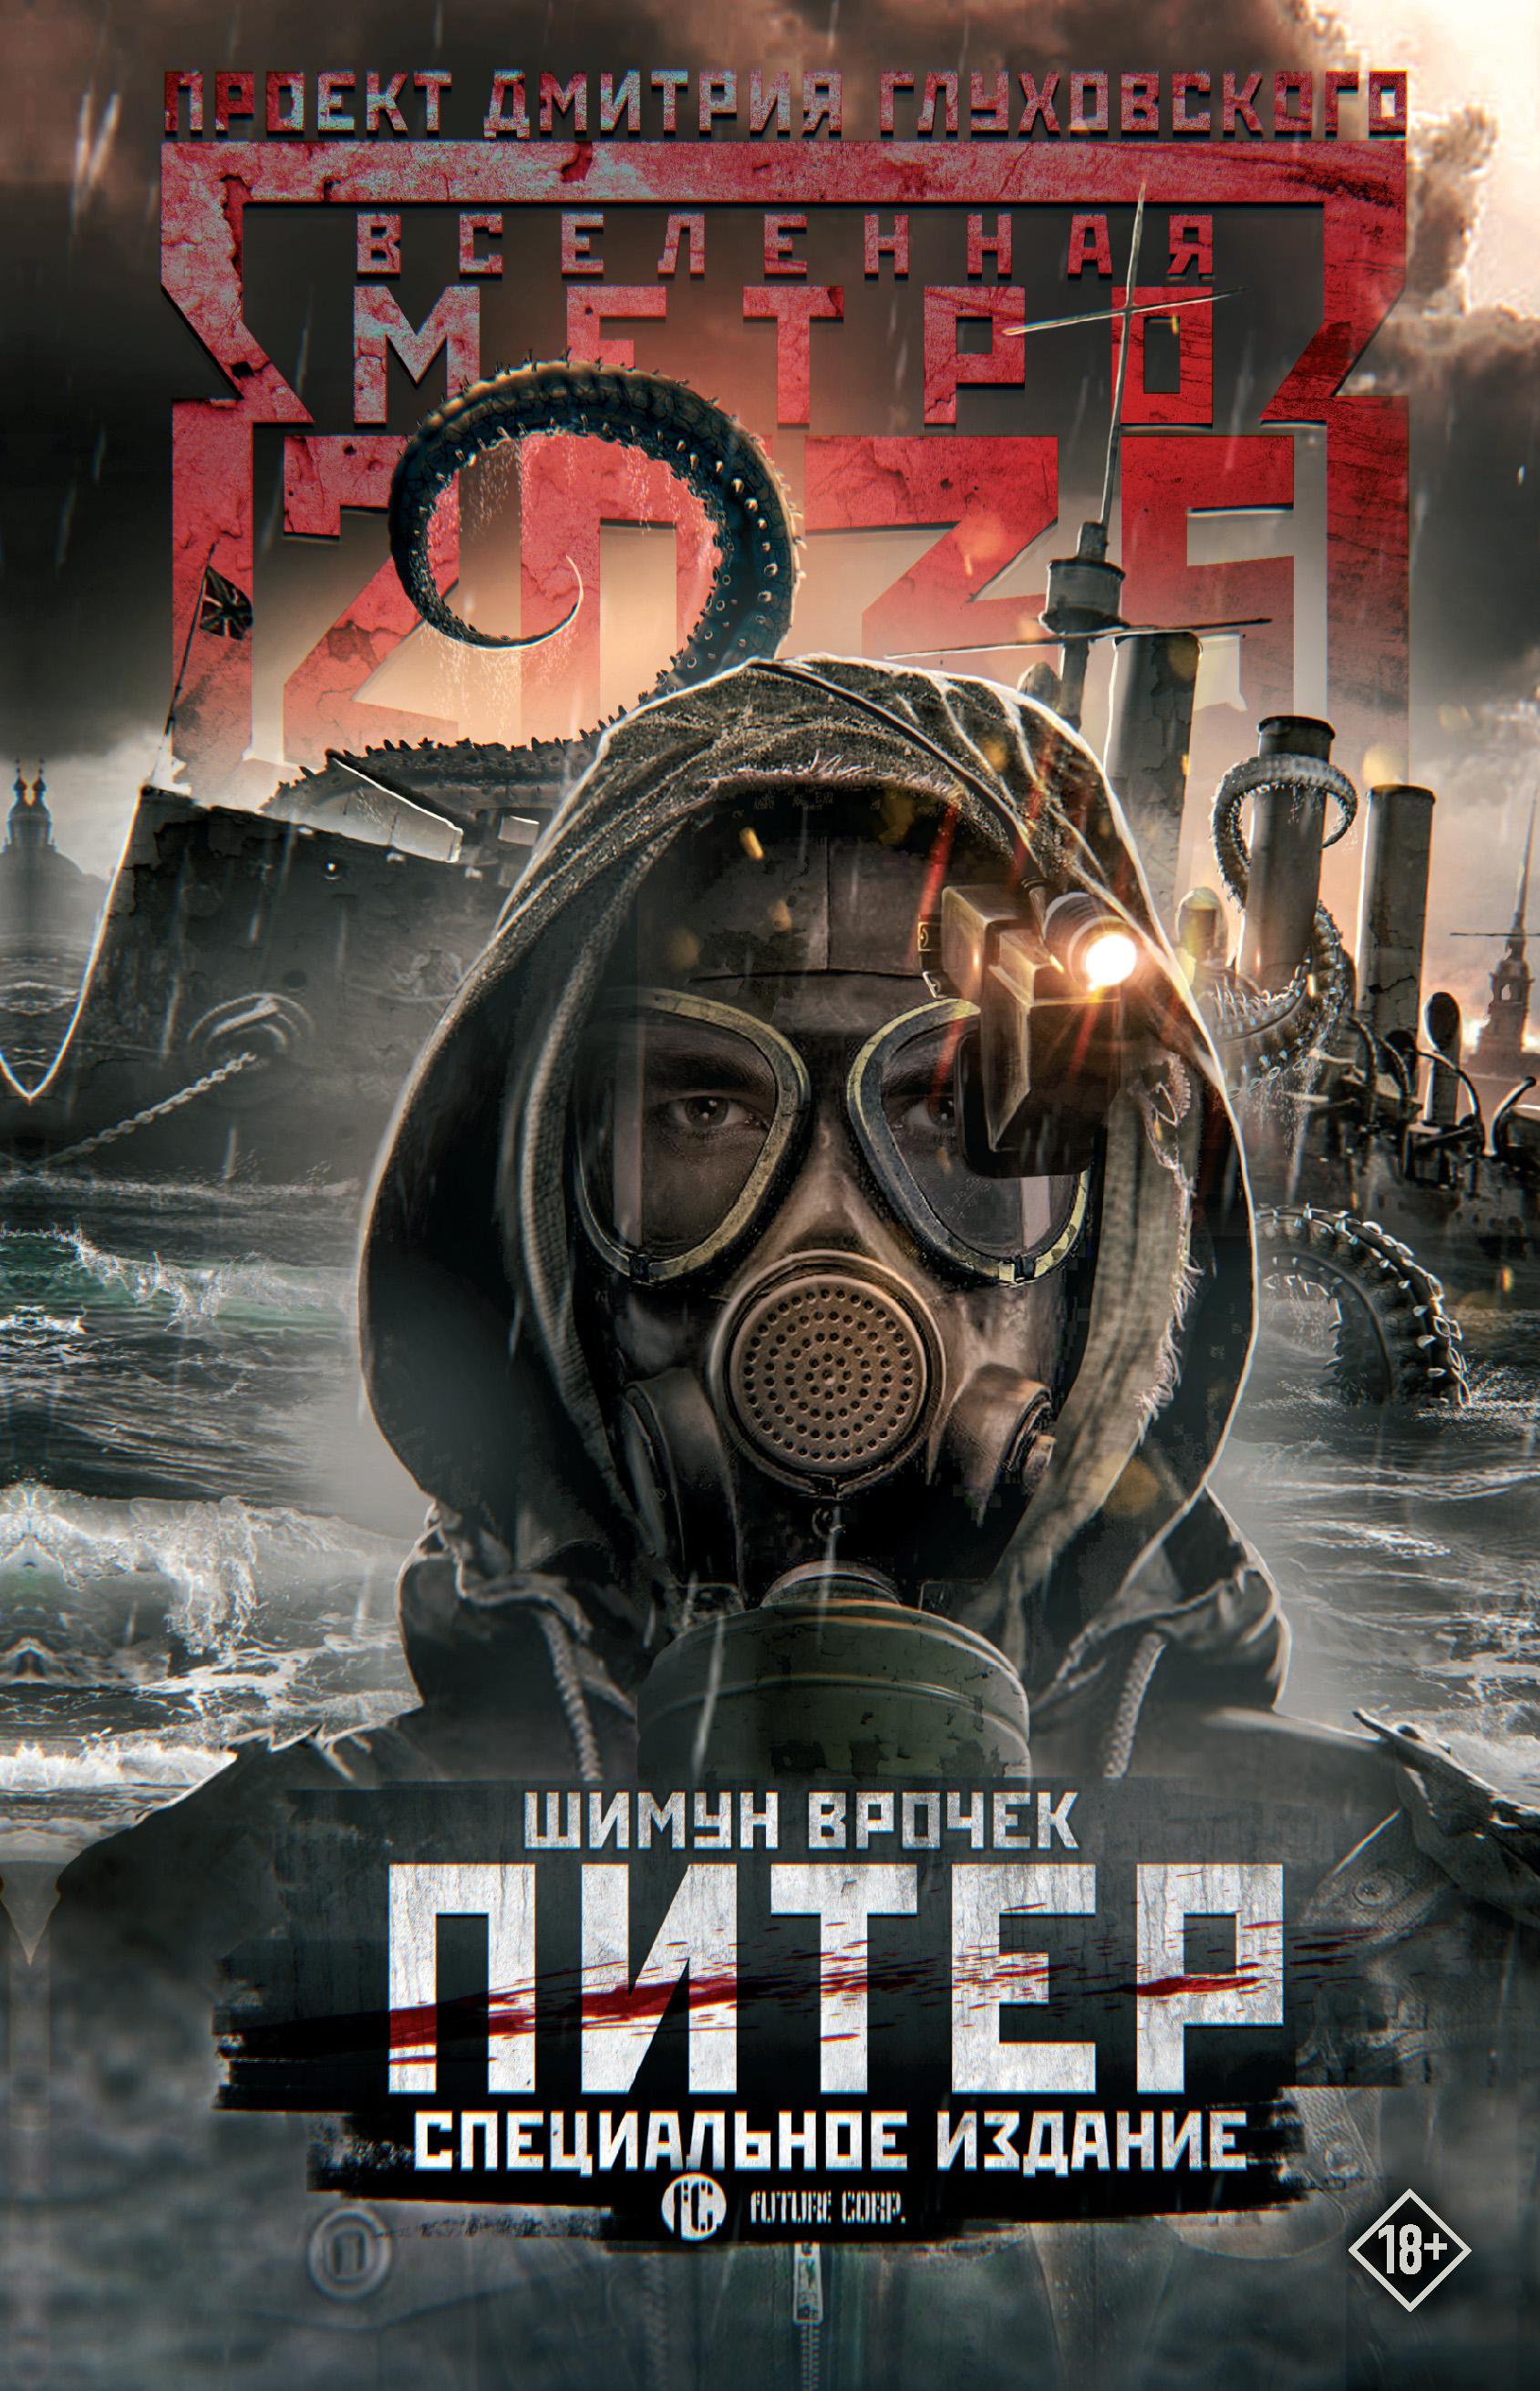 Купить книгу Метро 2035: Питер. Специальное издание, автора Шимуна Врочек